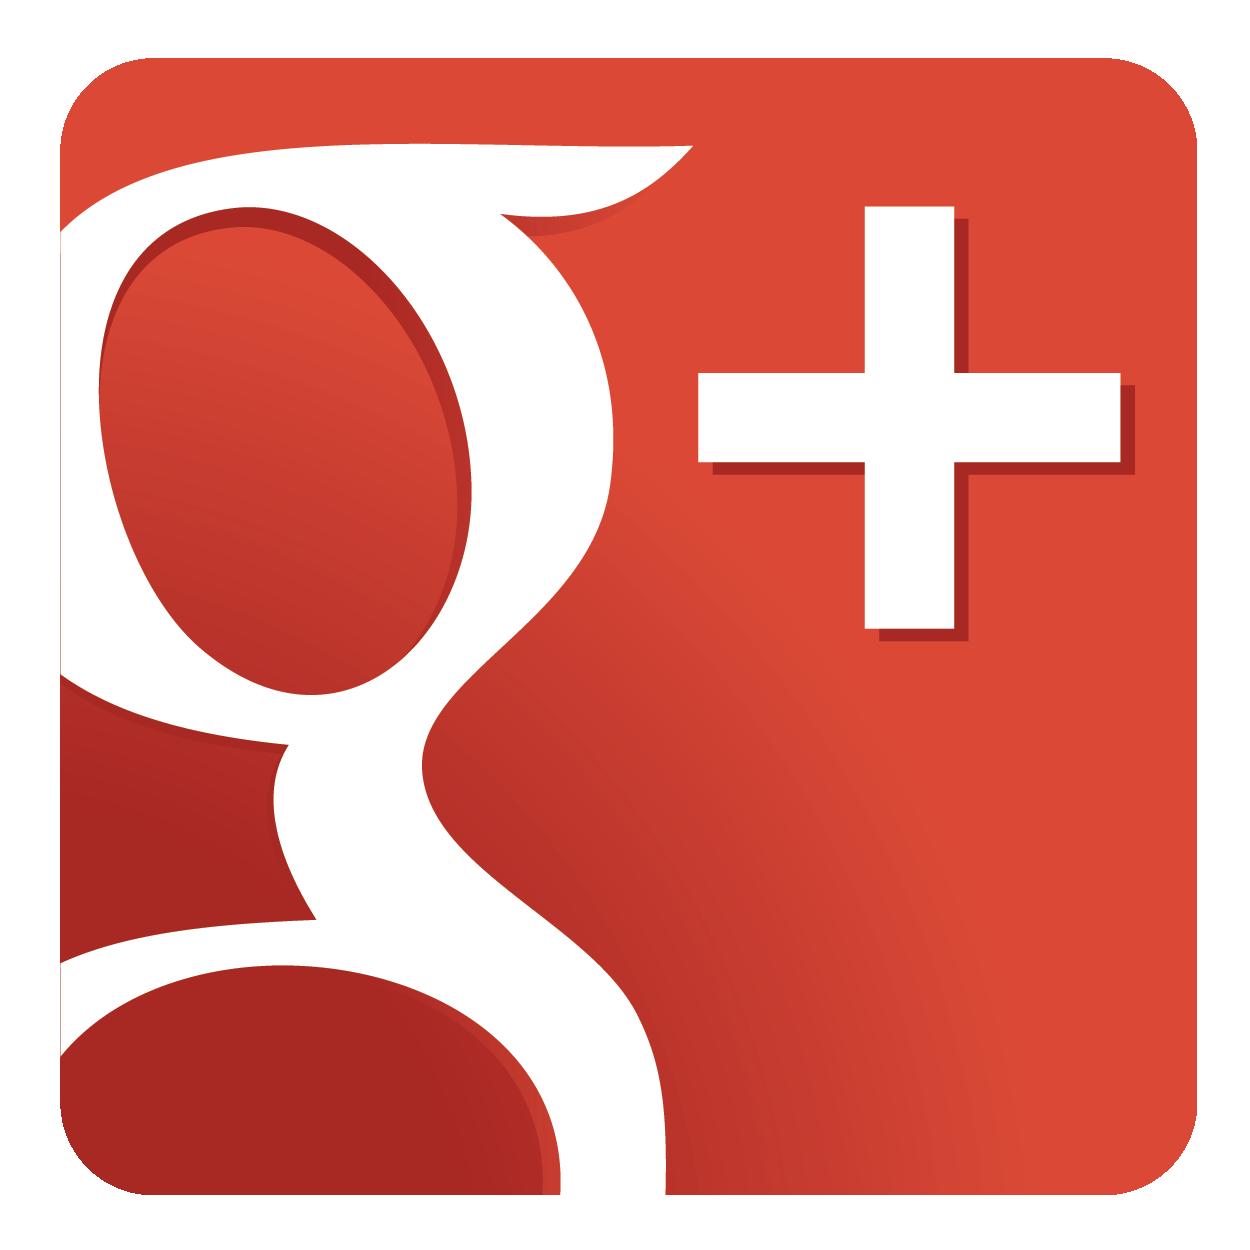 Facebook clipart logo google. Plus transparent png pictures